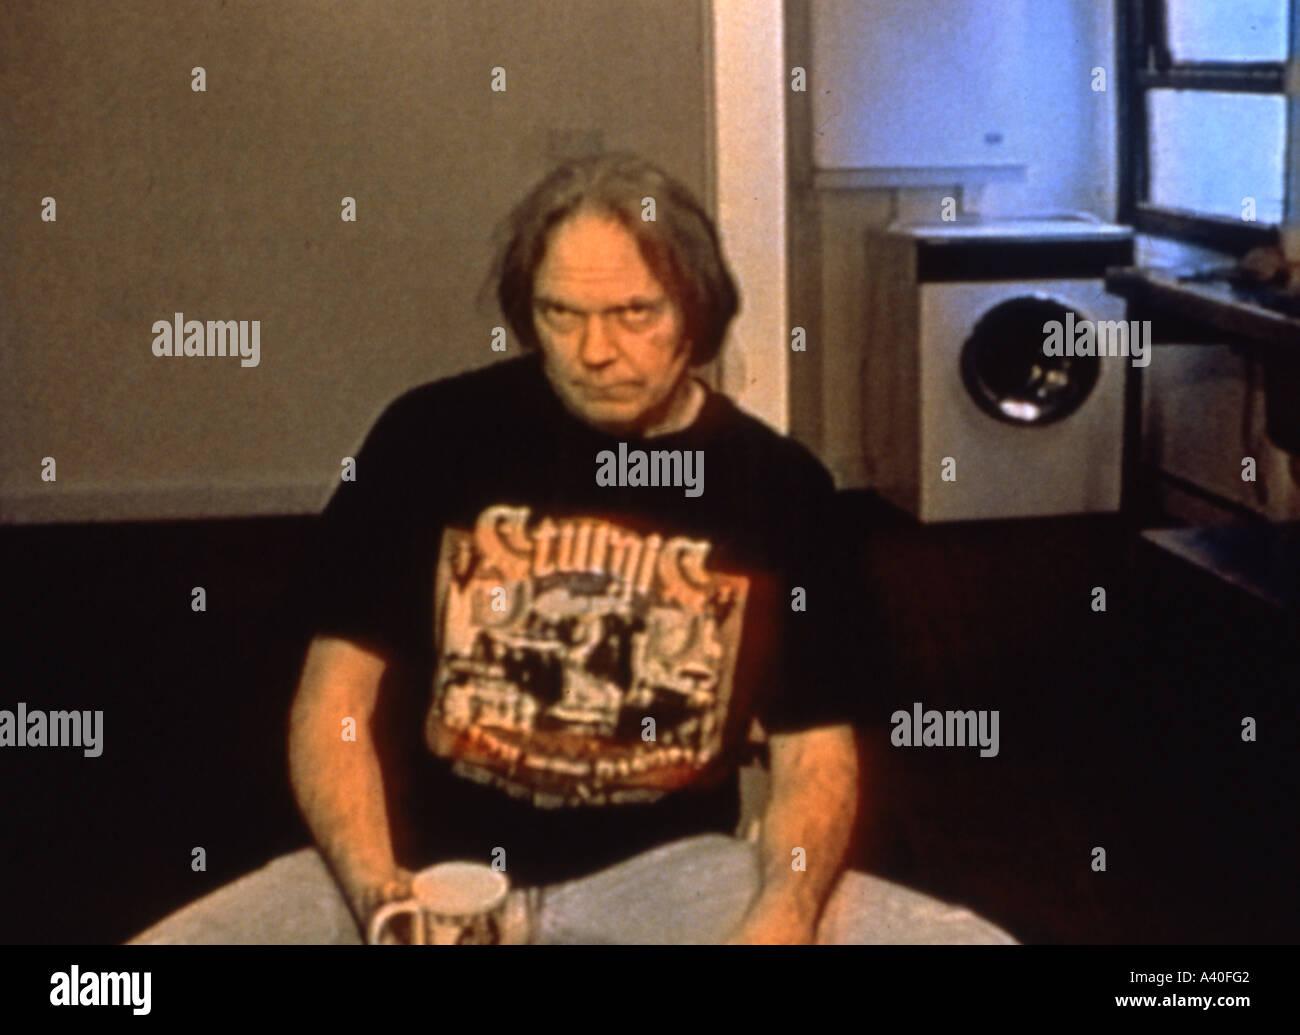 Jahr das Pferd 1997 Oktober Shakey Pictures Film über Musiker Neil Young Stockbild